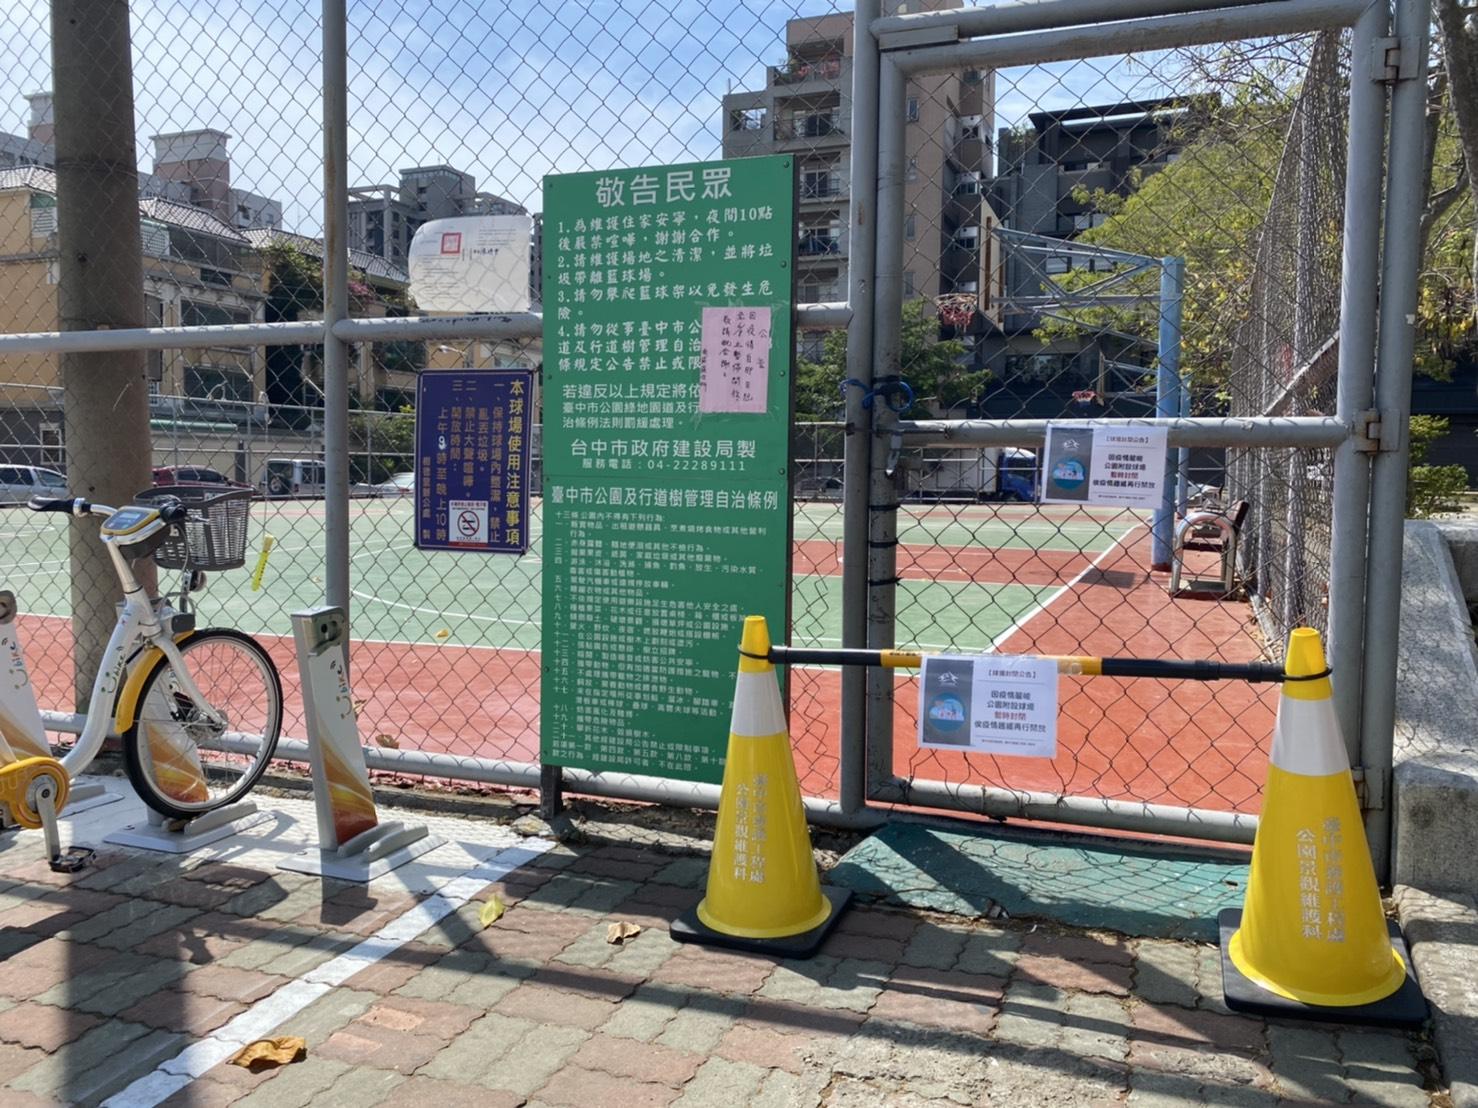 防堵新冠肺炎疫情擴散 中市公園涼亭、遊憩設施停止開放